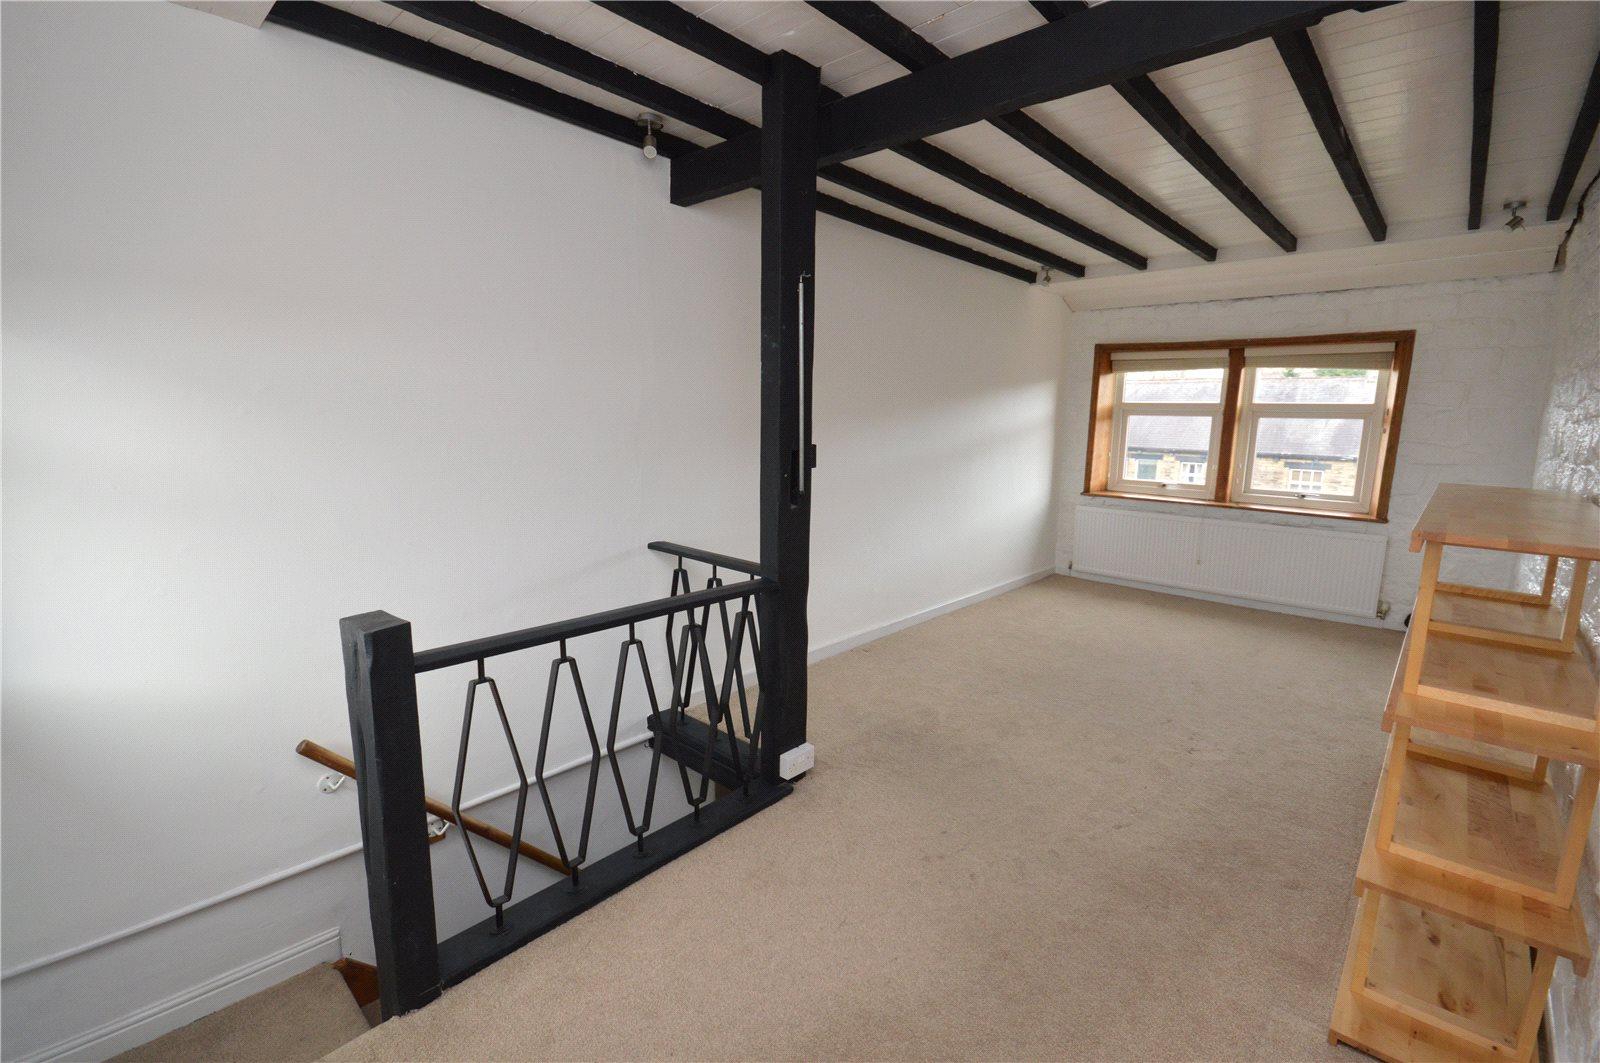 Property for sale in Calverley, interior top floor room